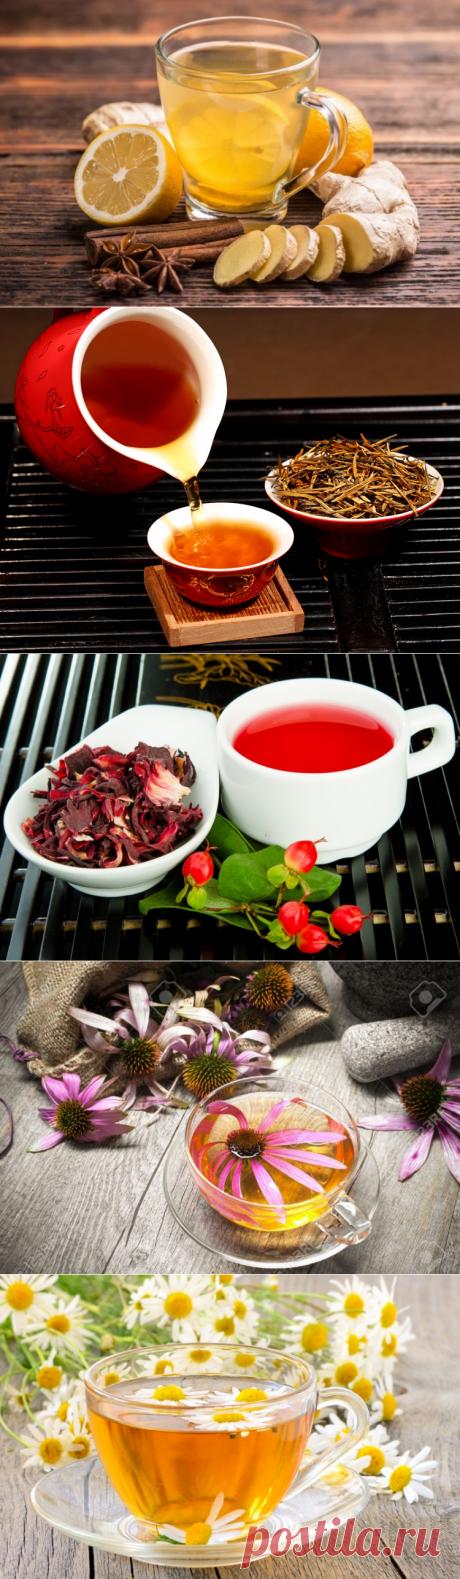 Какие приготовить полезнейшие чаи, способствующие укреплению здоровья